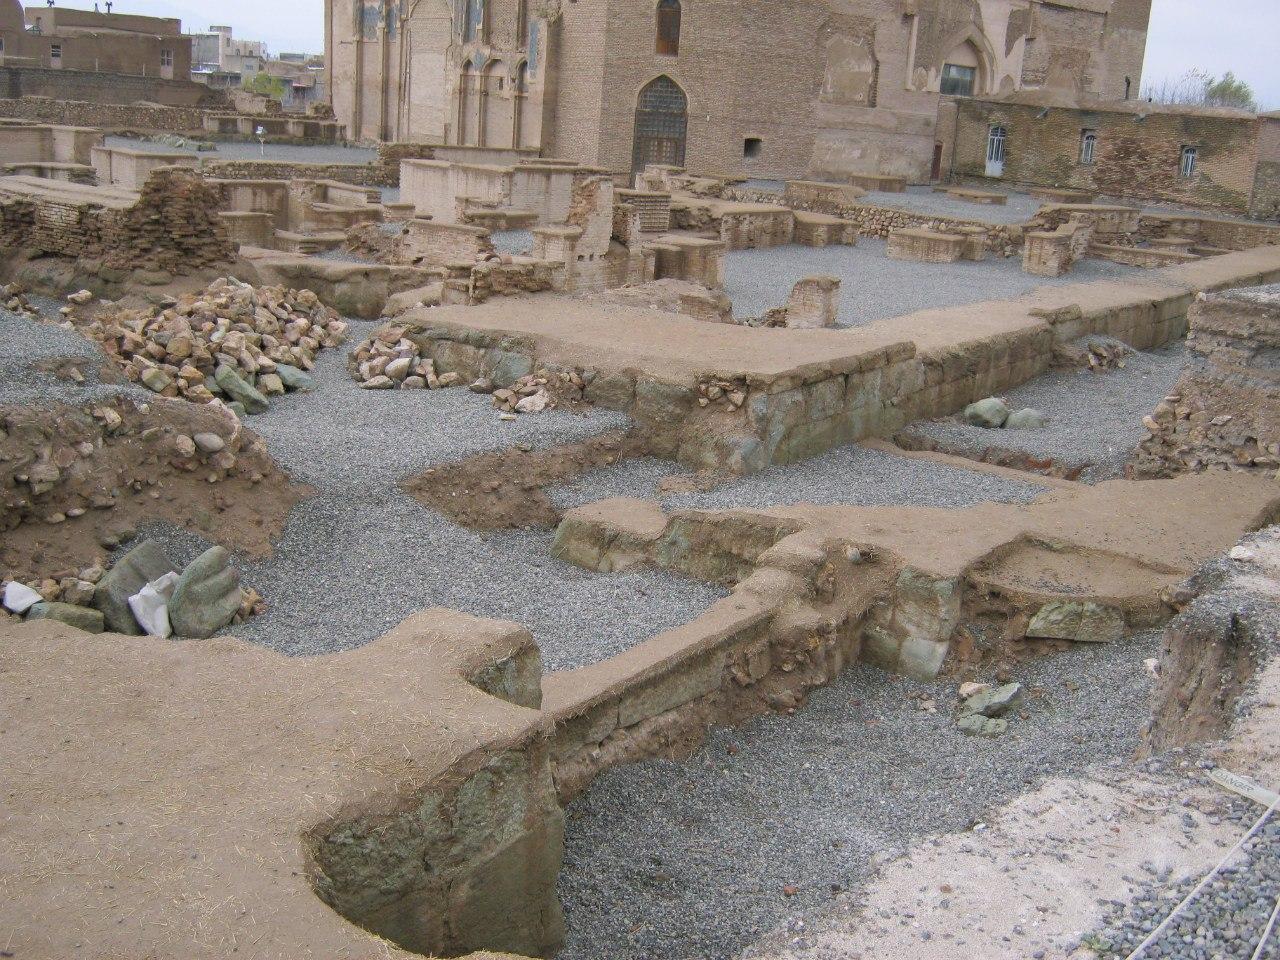 раскопки древних строений Вокруг мавзолея в Сольтание